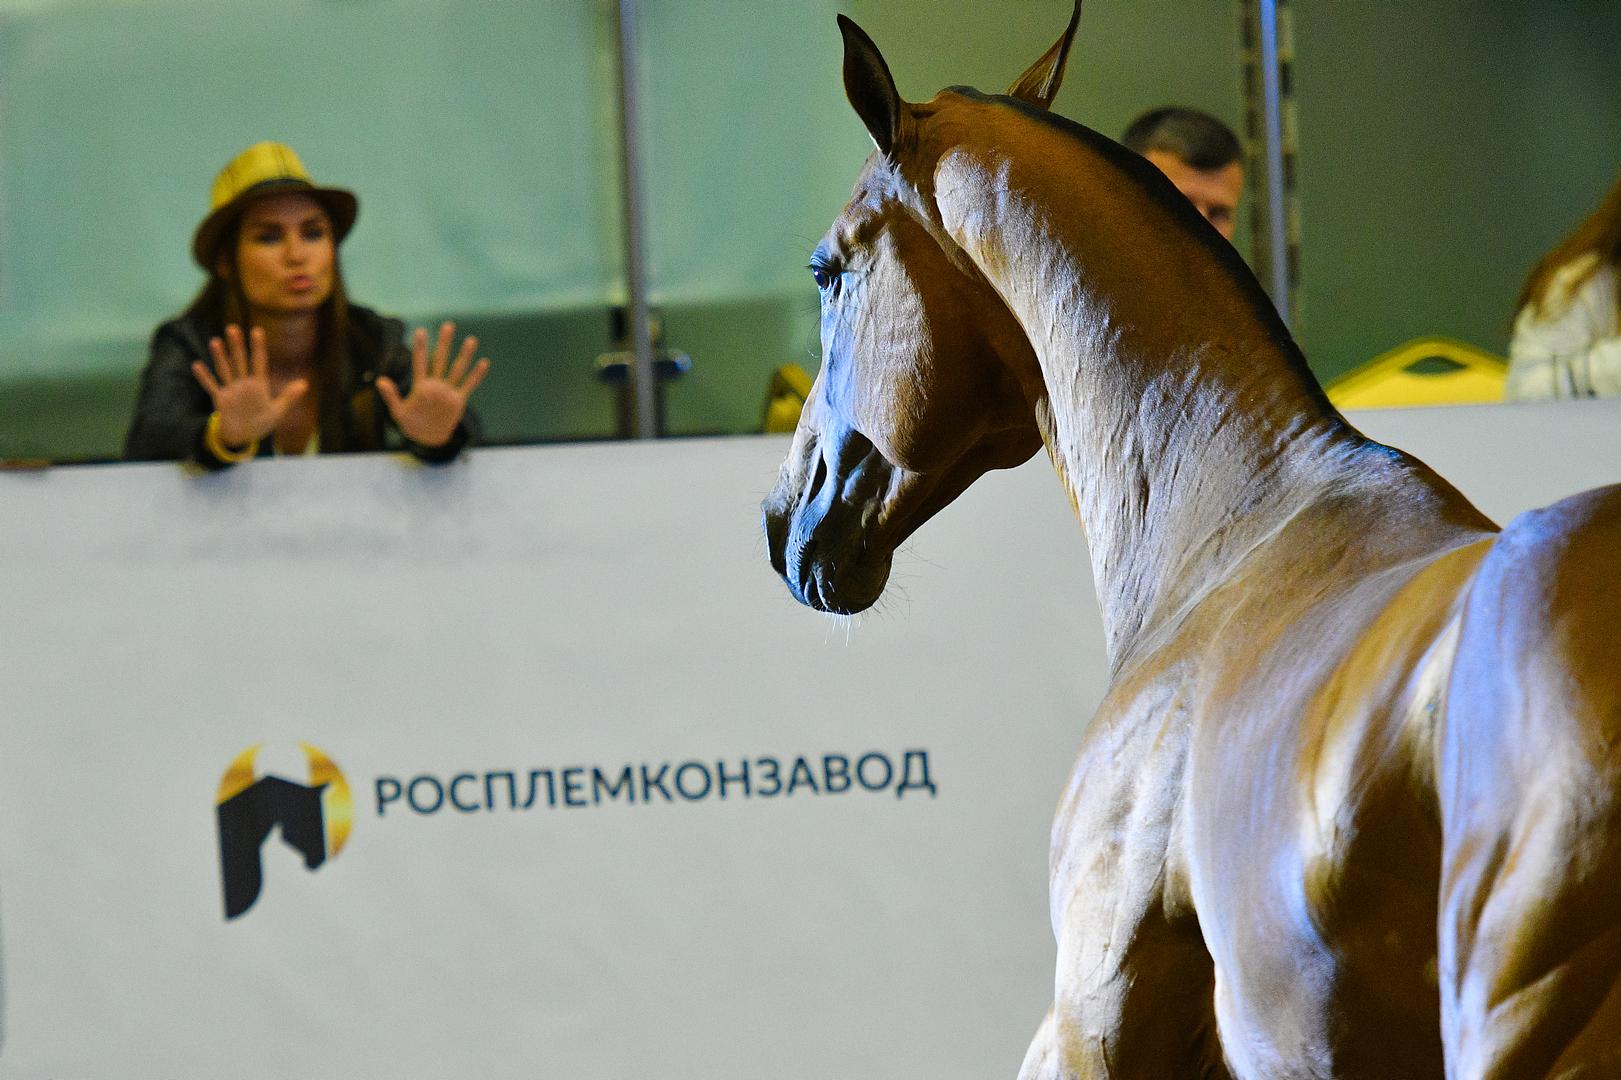 Фото Артура Бабоева